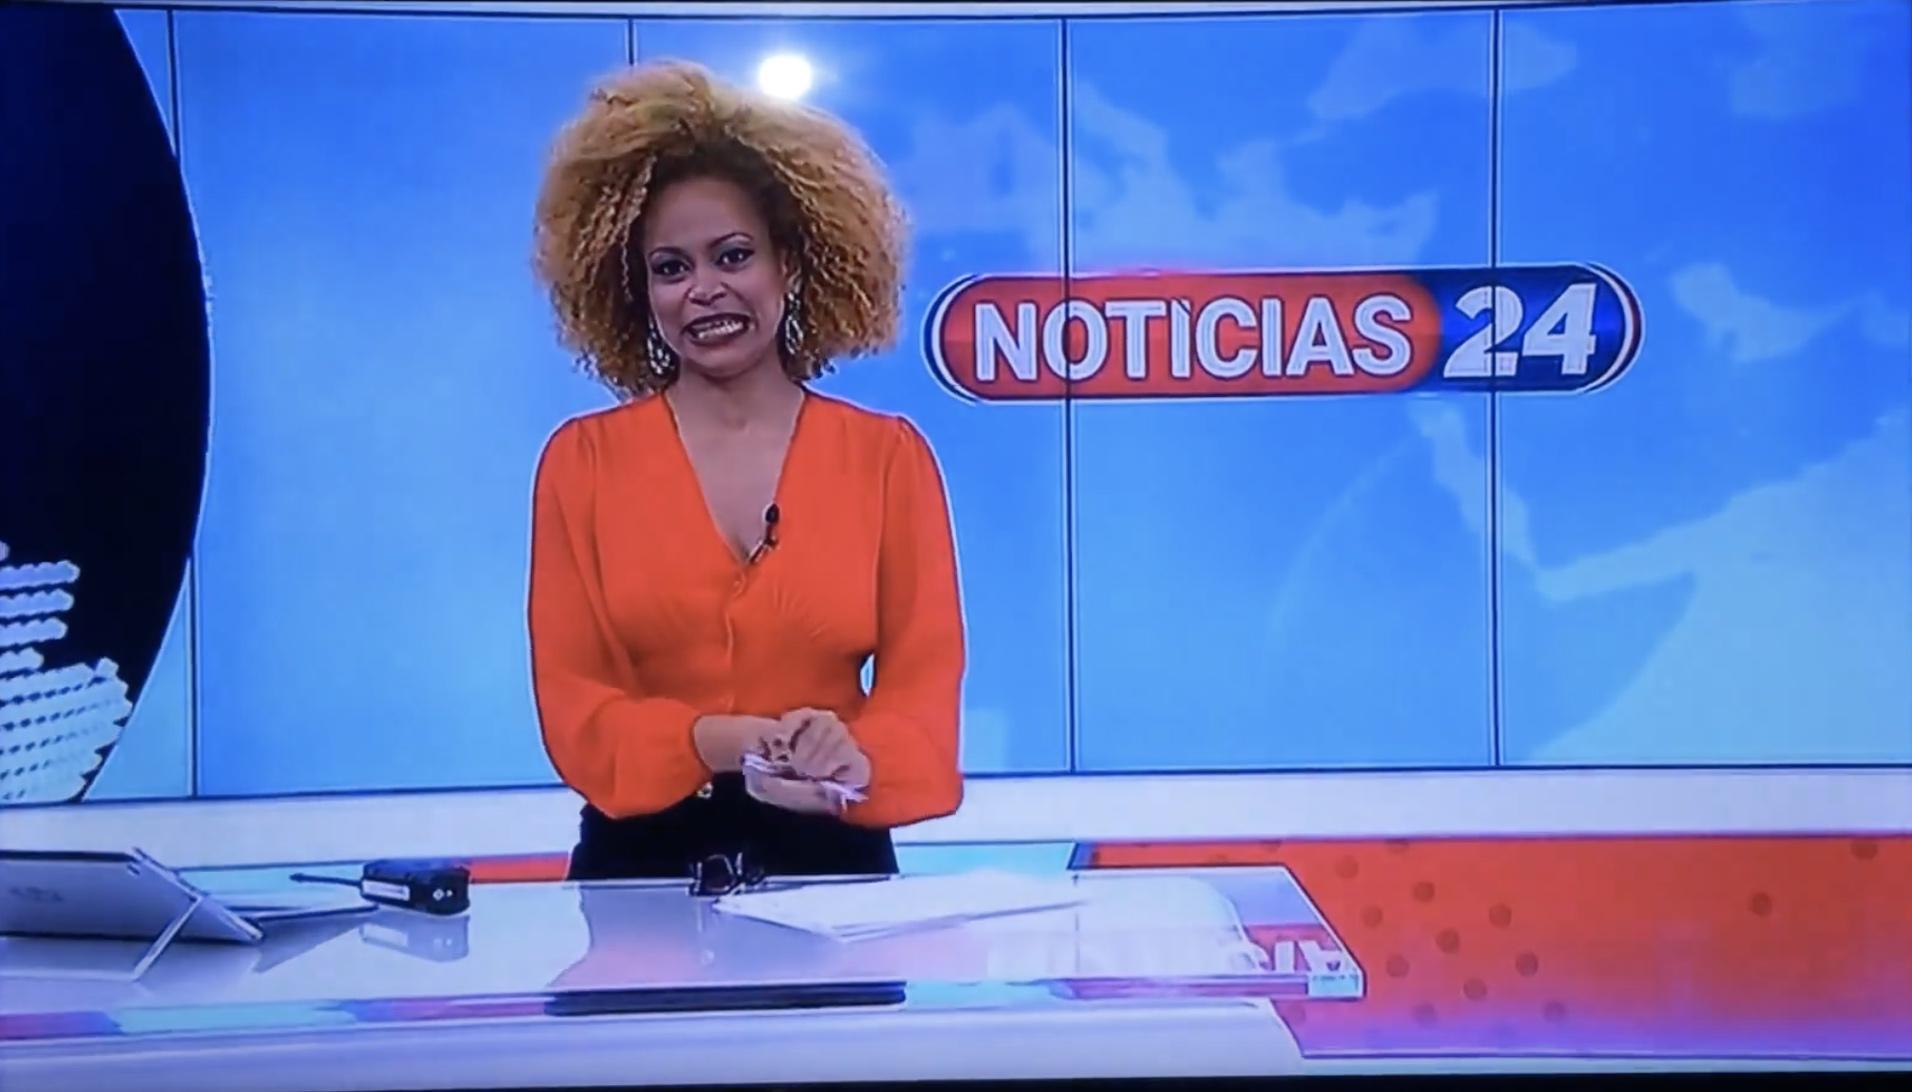 Conceicao Queiroz Tvi24 Tvi Poderá Ser Adquirida Em Breve Pelos Donos Do Correio Da Manhã E Da Cmtv